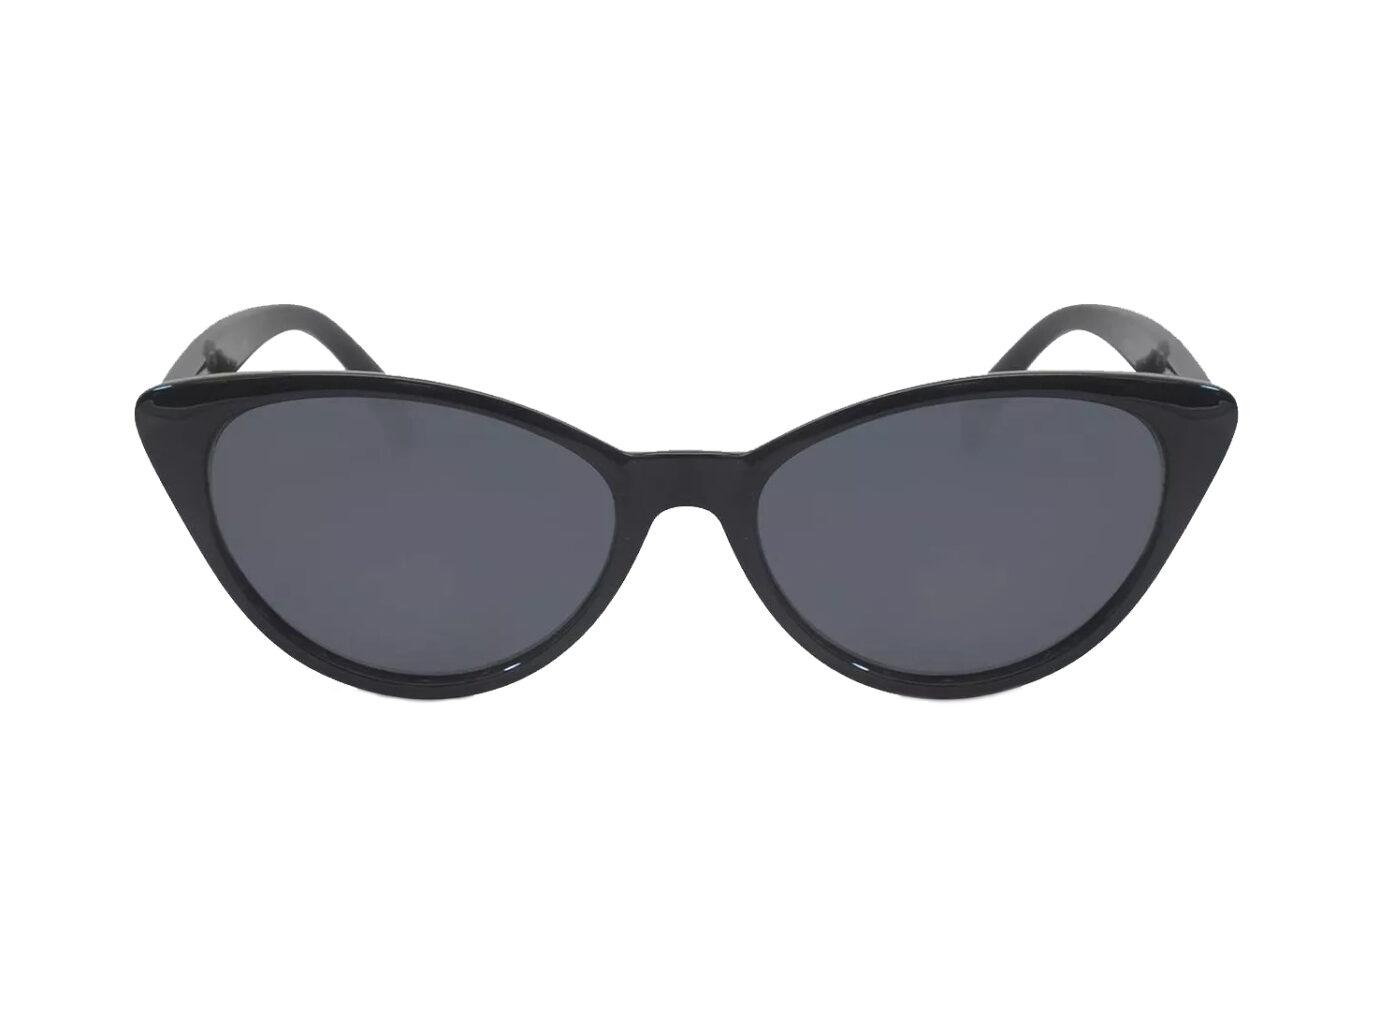 Women's Plastic Cateye Sunglasses